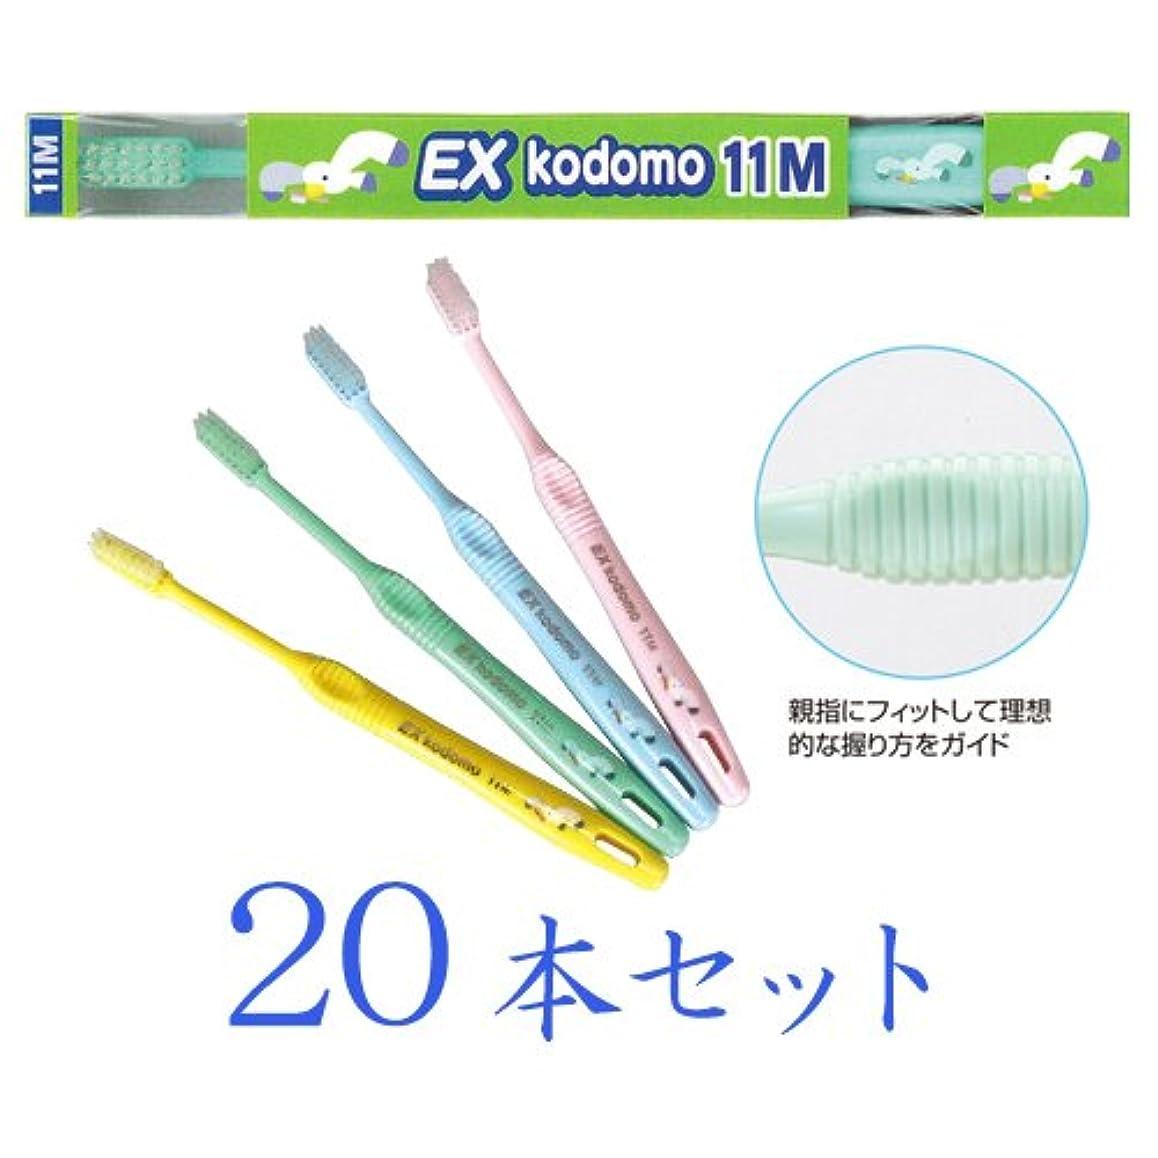 キャリア一貫性のないアセライオン DENT.EX コドモ歯ブラシ 20本入 11M(混合歯列後期用?8~12歳)(カモメ)